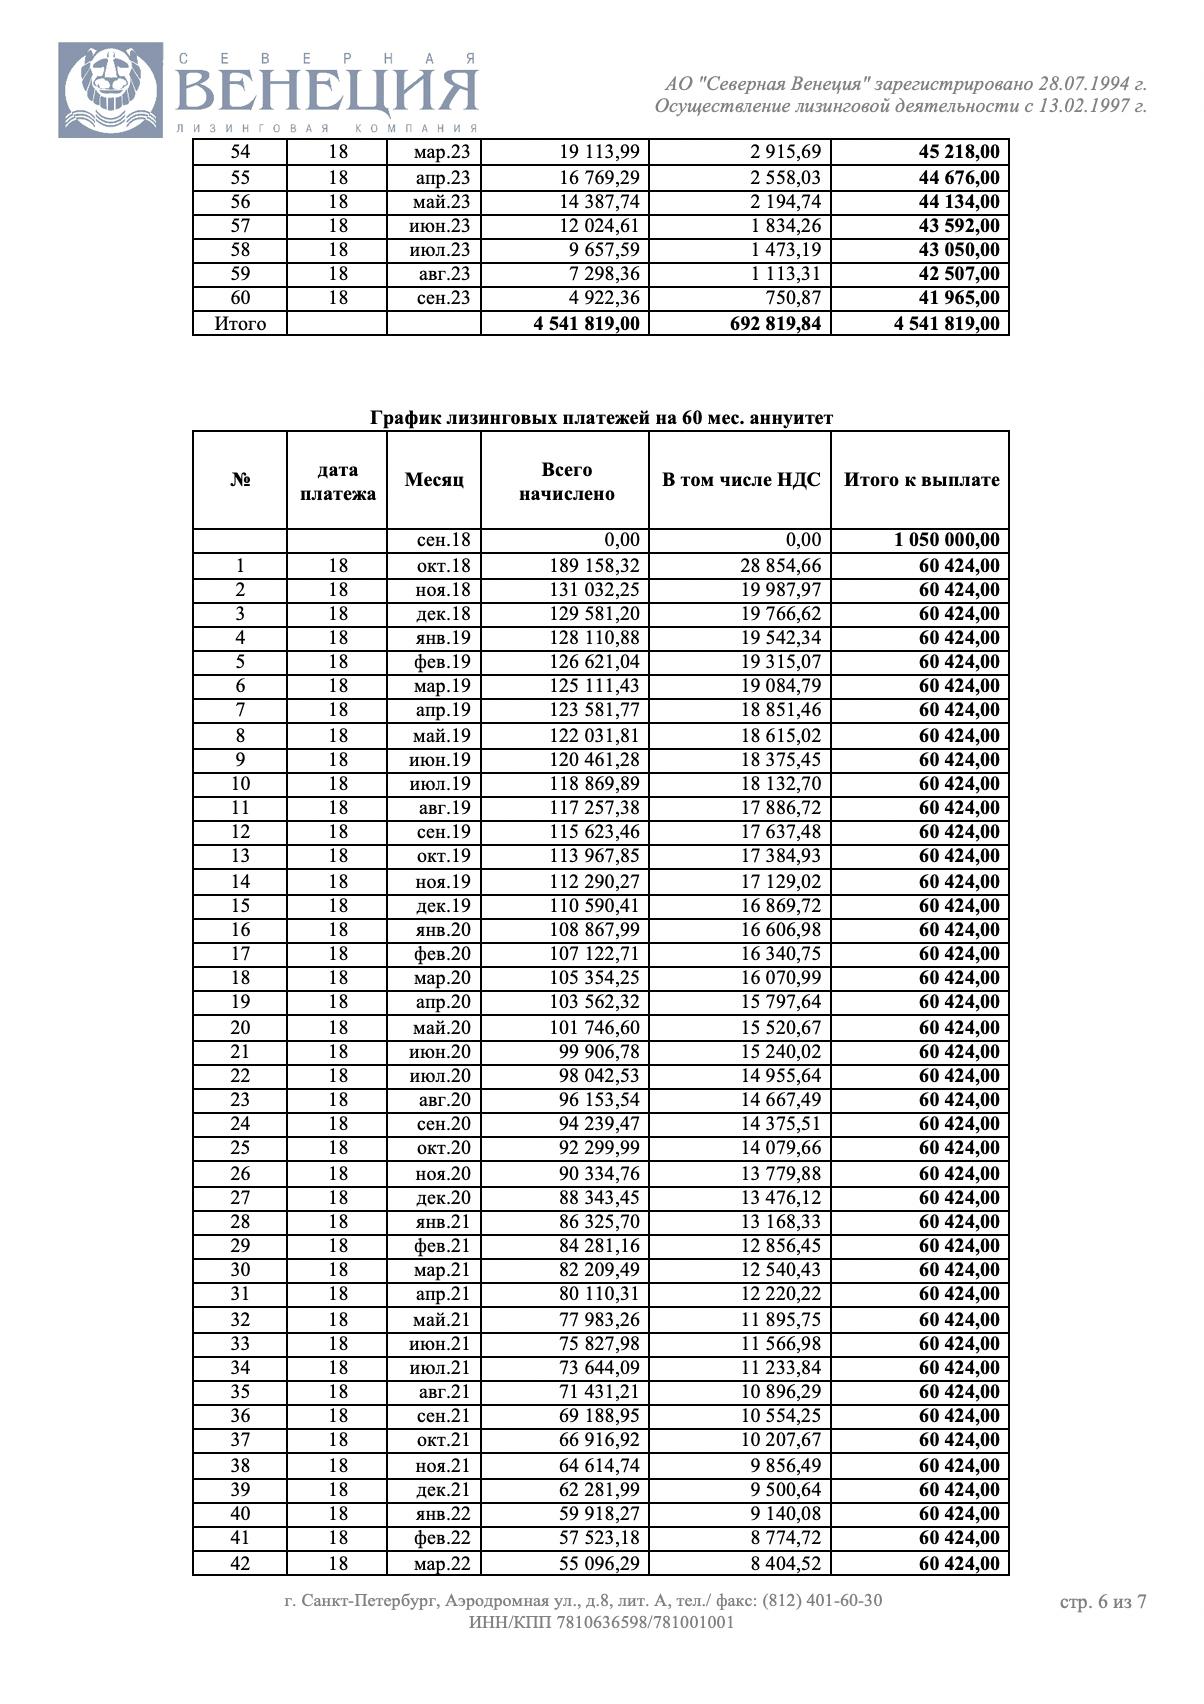 кредит энергобанк казани